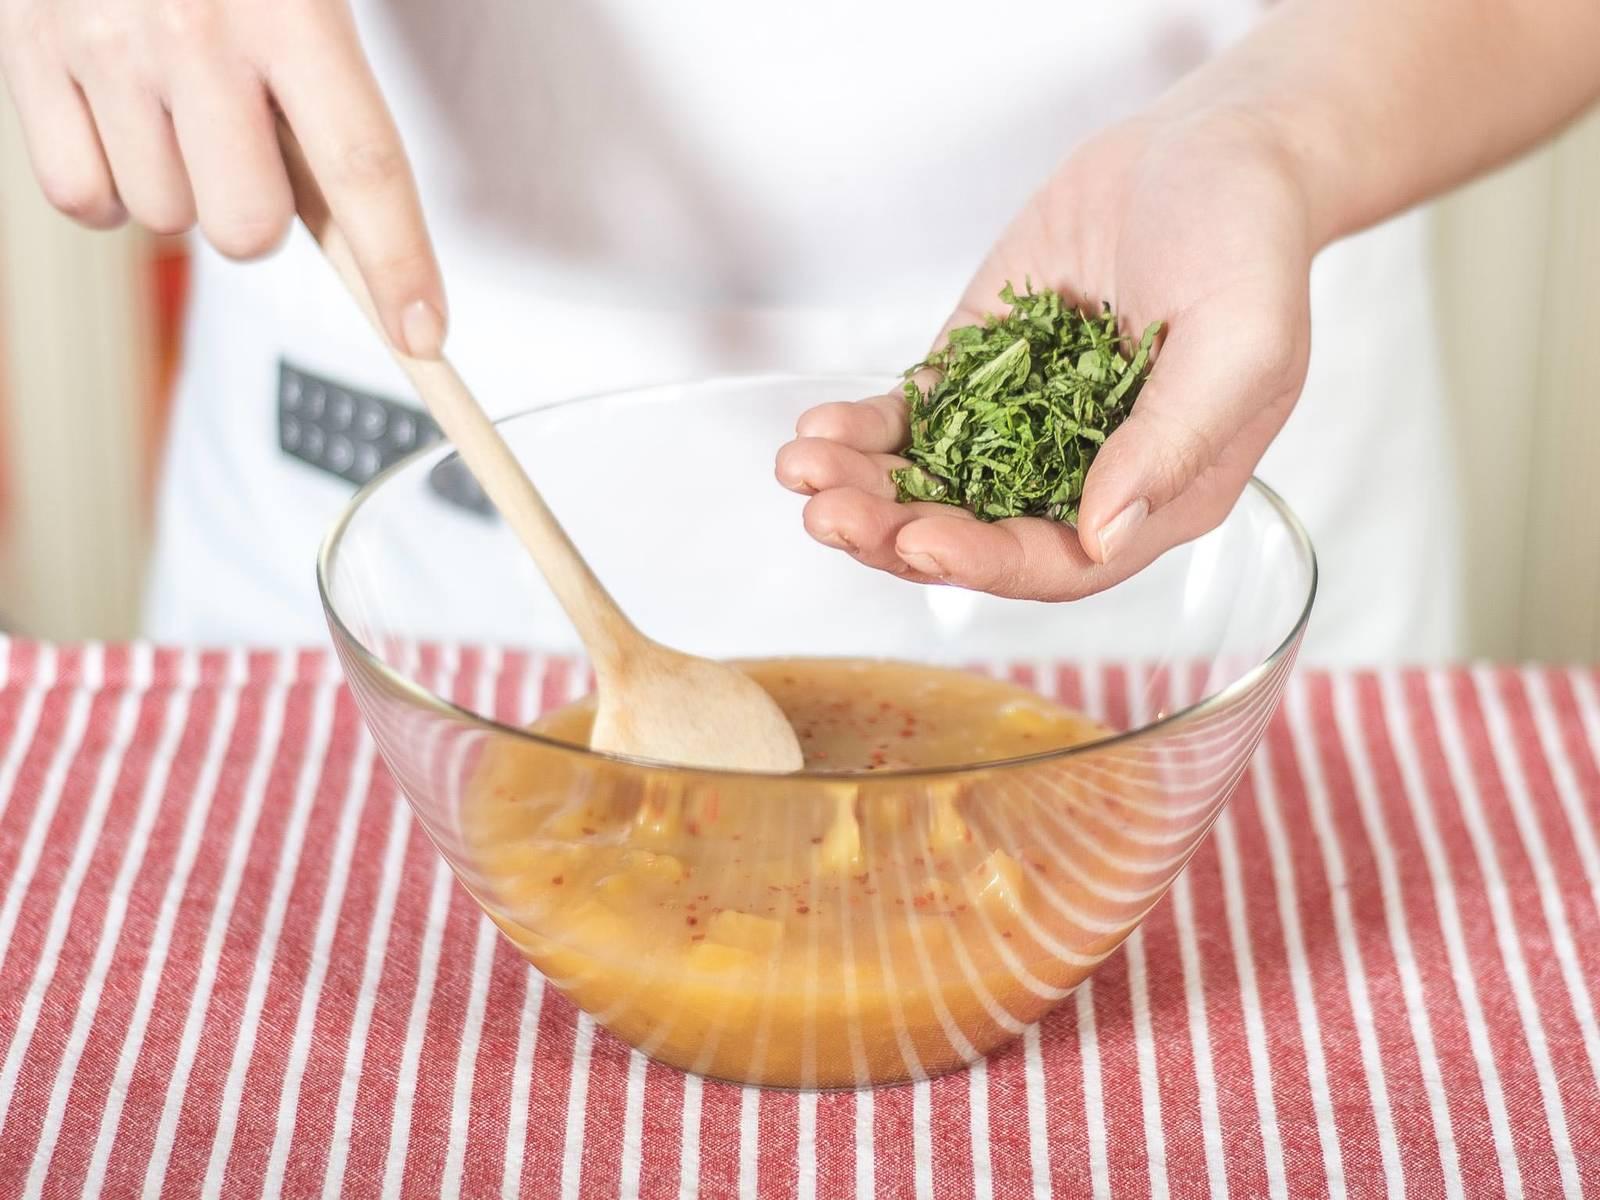 薄荷切丝,加入到已冷却的汤中,可根据个人口味用辣椒粉调味。盛入玻璃杯中,点缀新鲜薄荷叶即可。